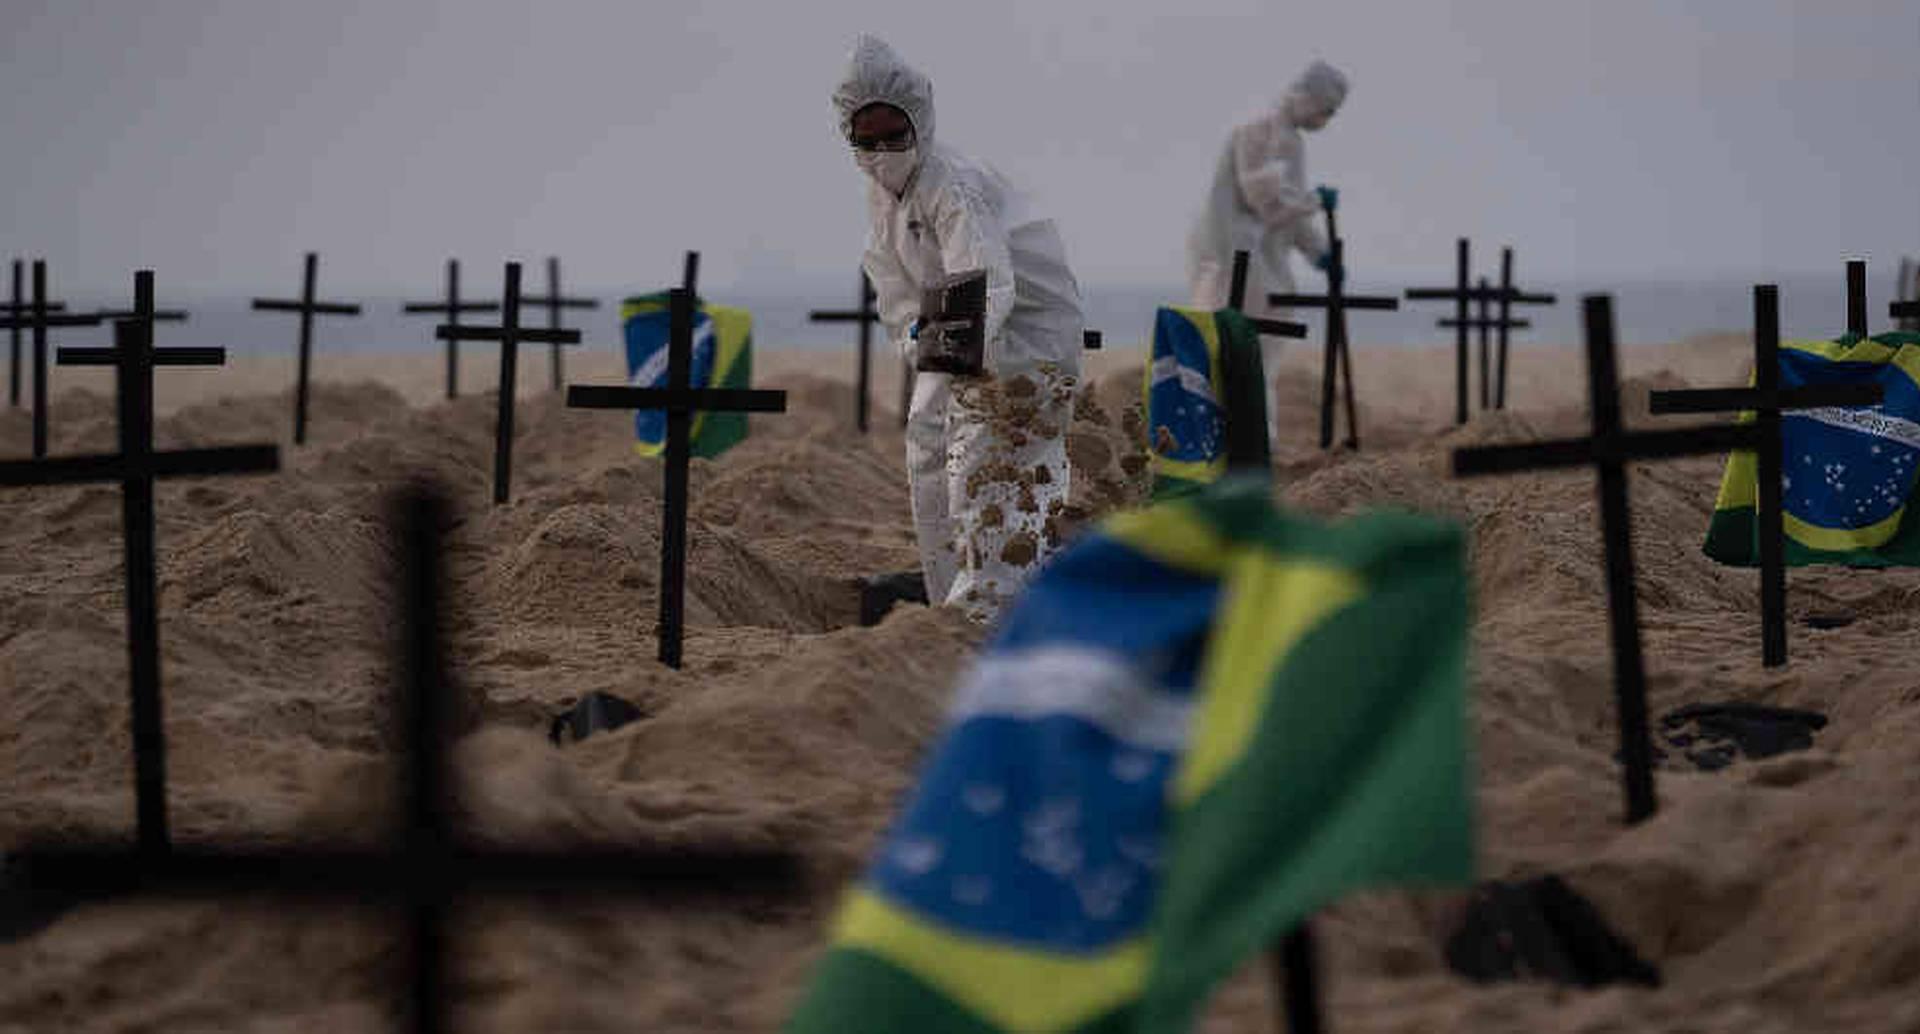 Tumbas simbólicas Copacabana Brasil